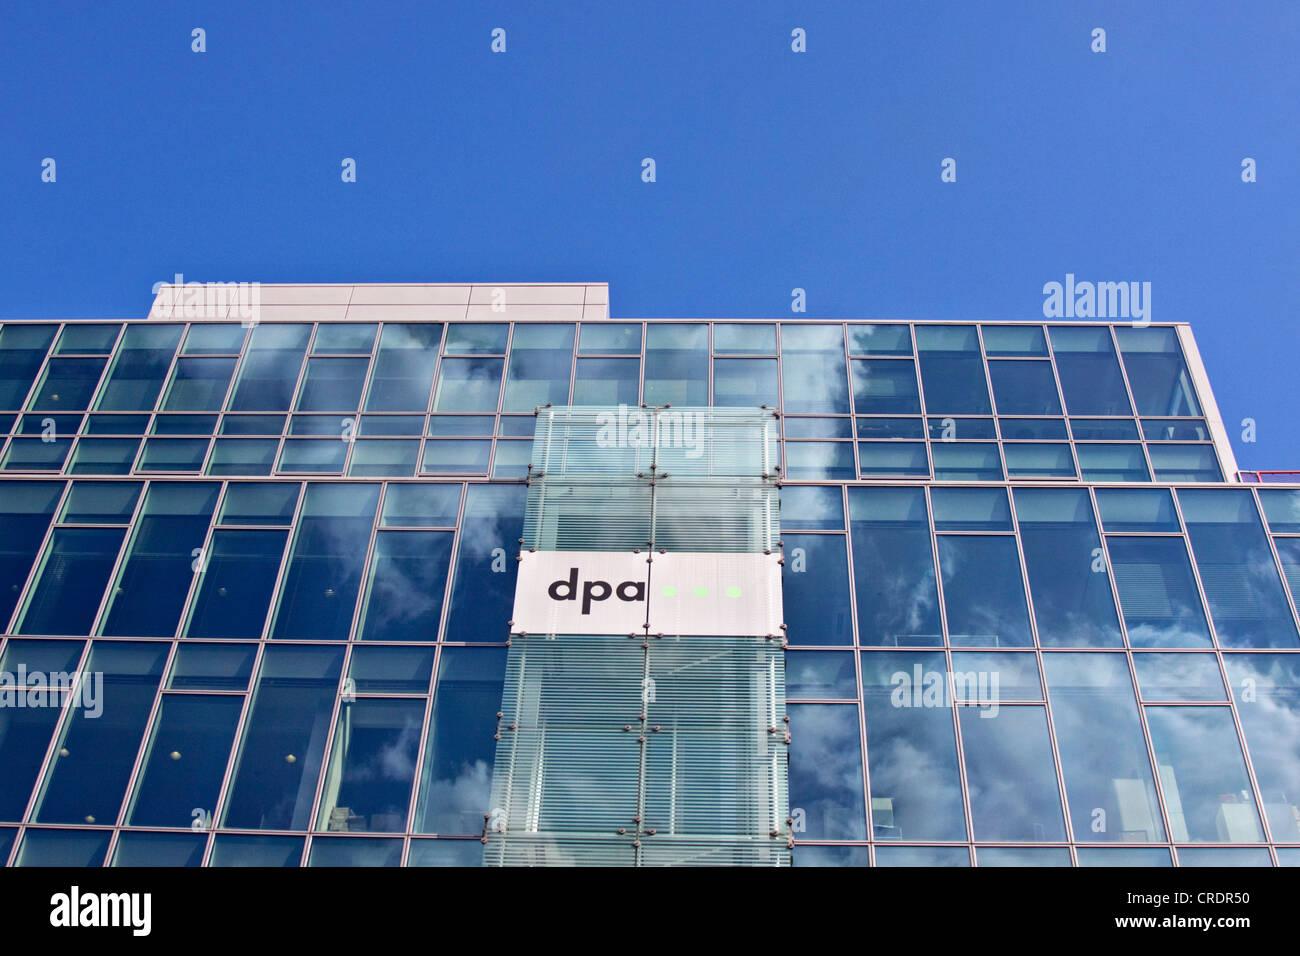 DPA Presse Gebäude, Deutsche Presse-Agentur, deutsche Agentur, Berlin, Deutschland, Europa Stockbild